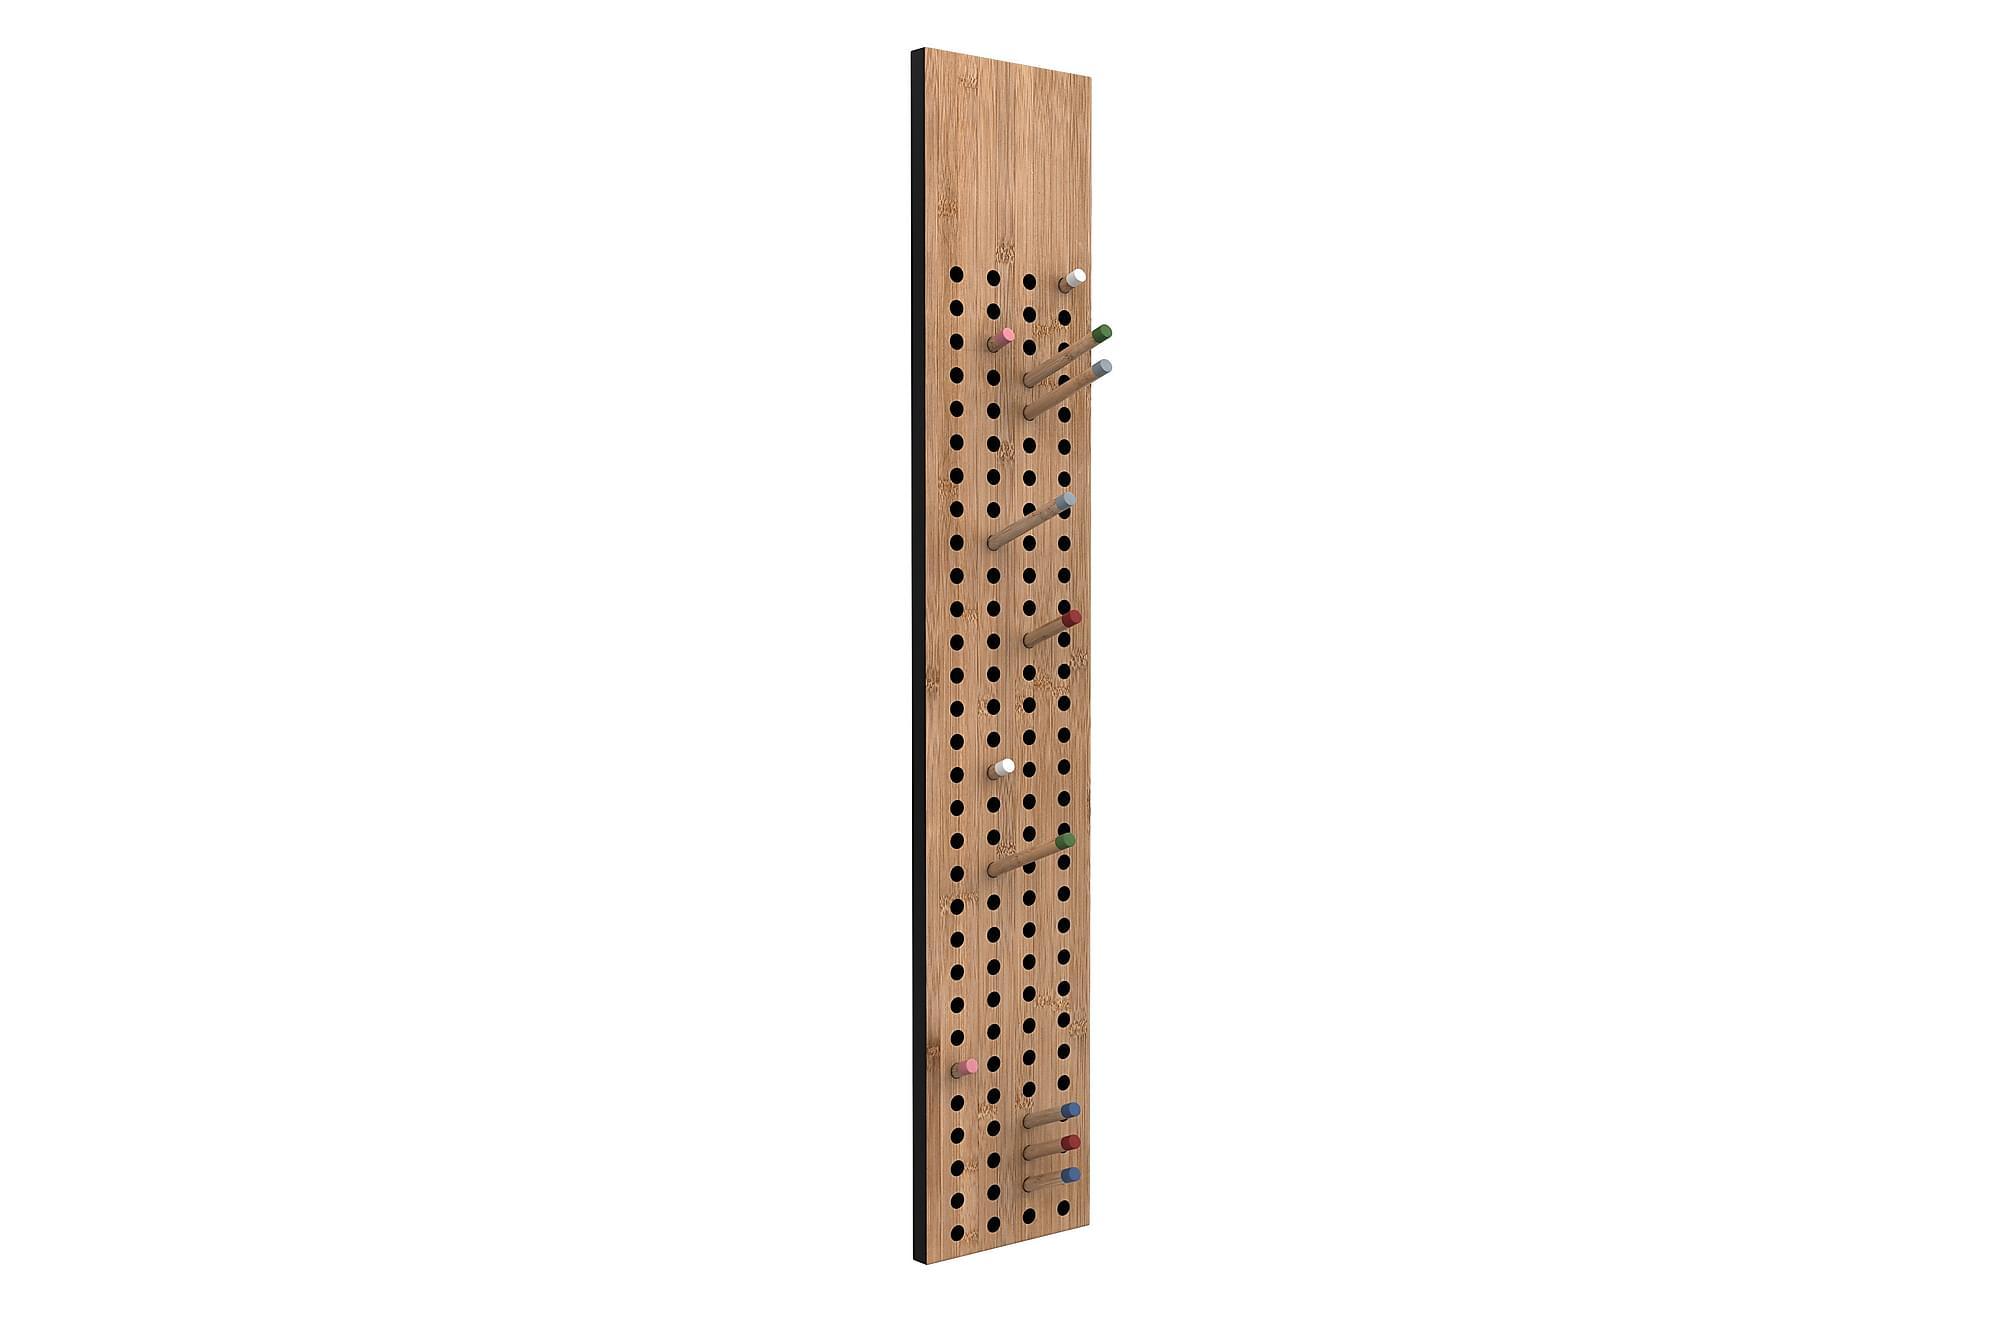 VENERA Kroklist 100 Stor Bambu, Klädhängare & hängare